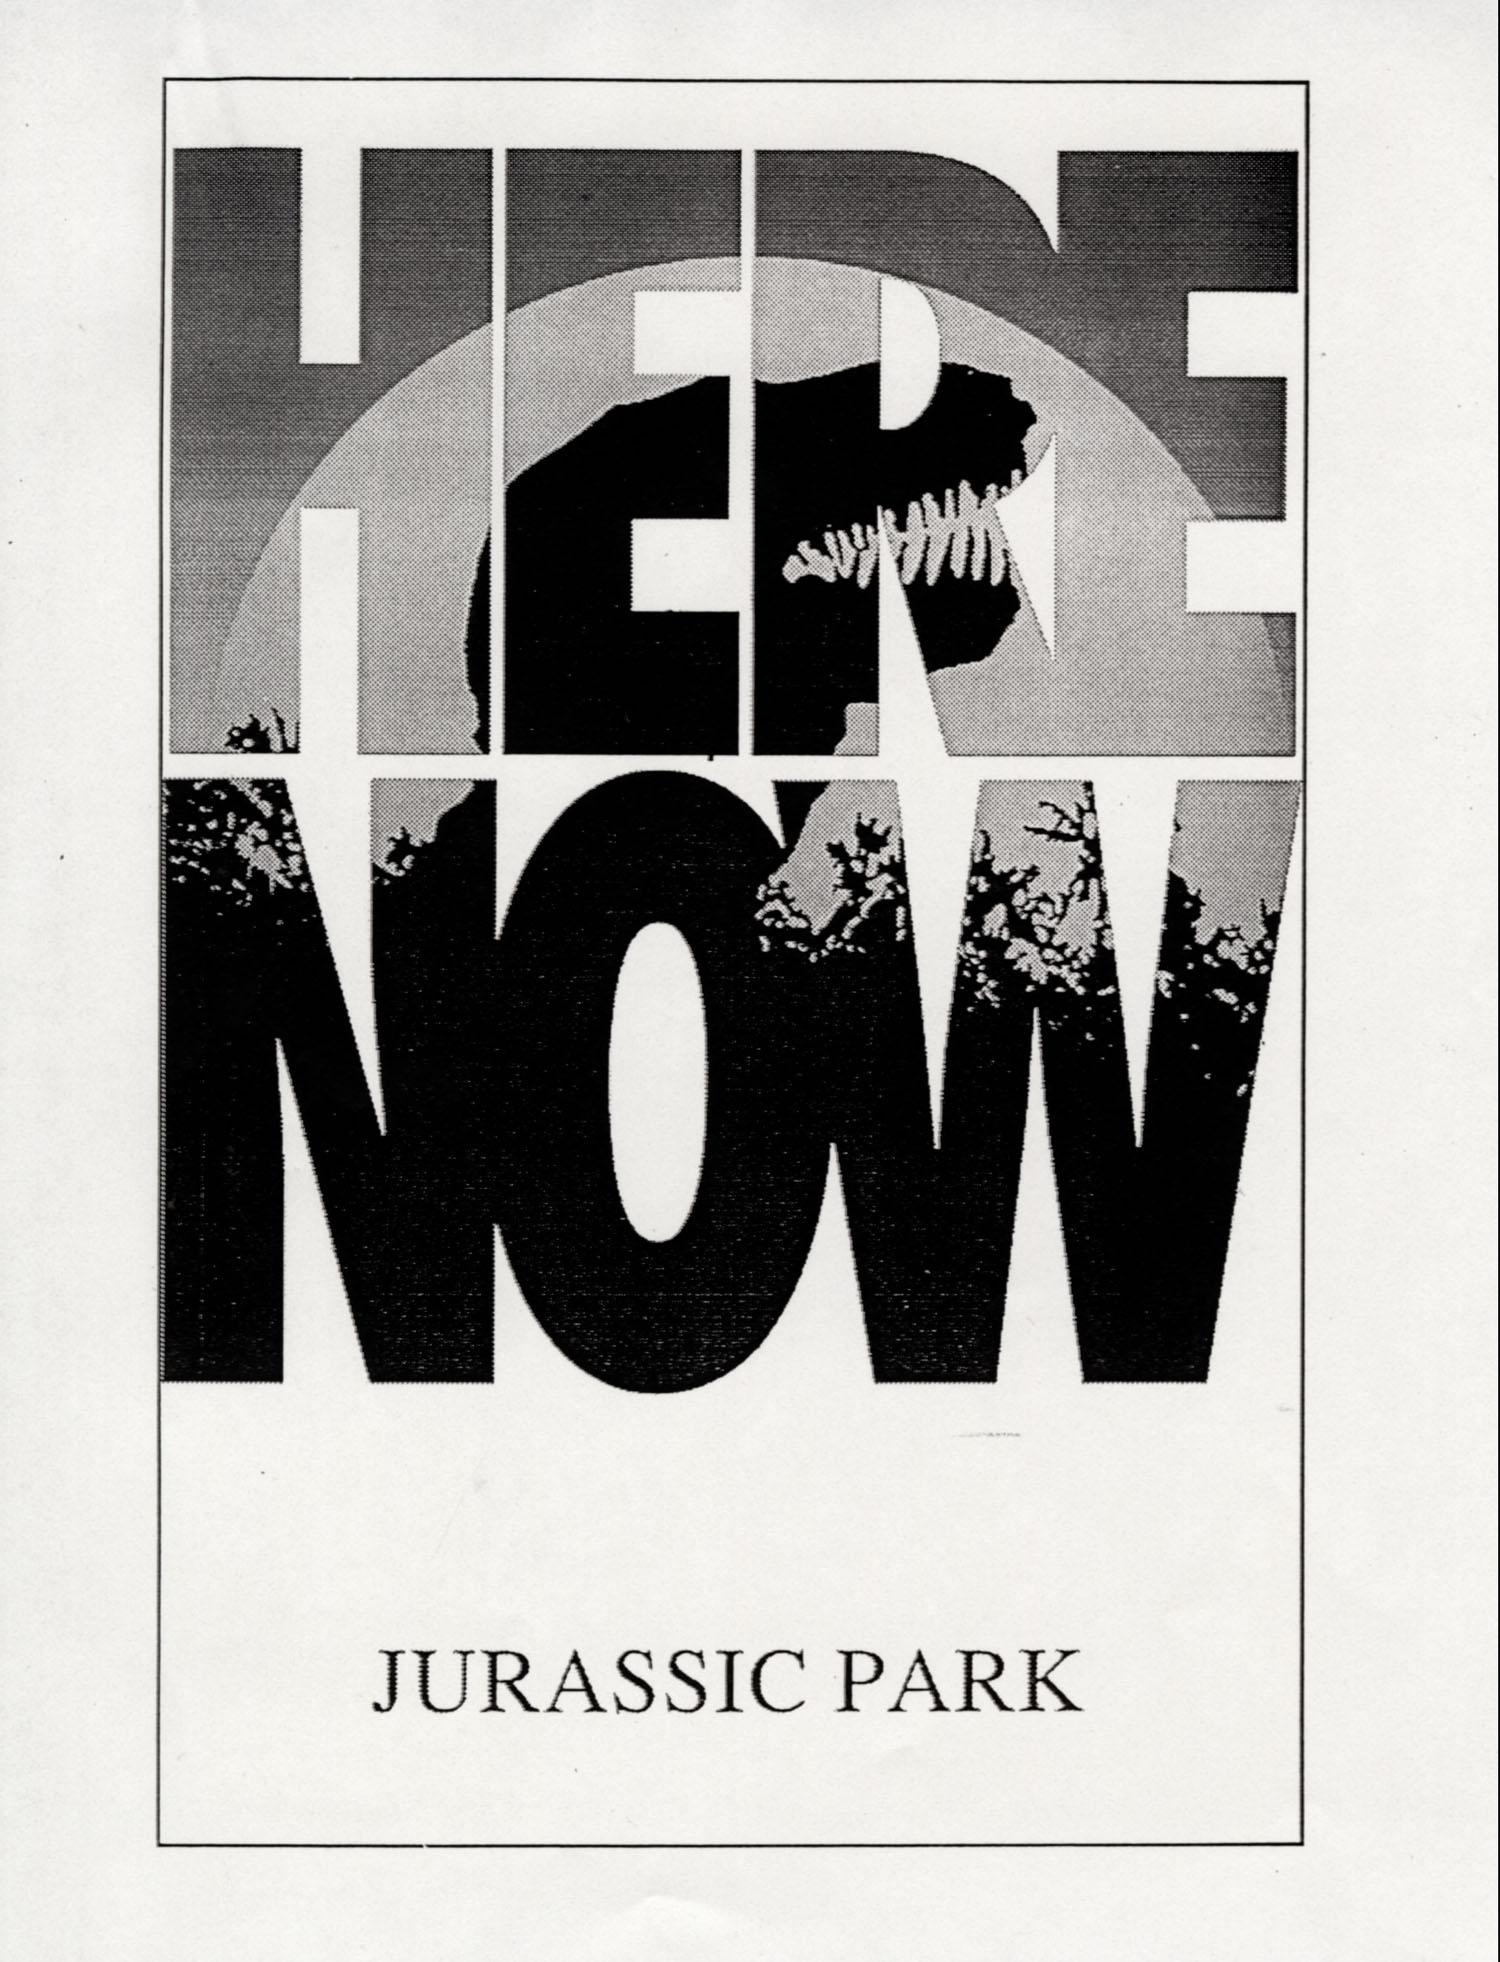 John Alvin – Jurassic Park poster – 5